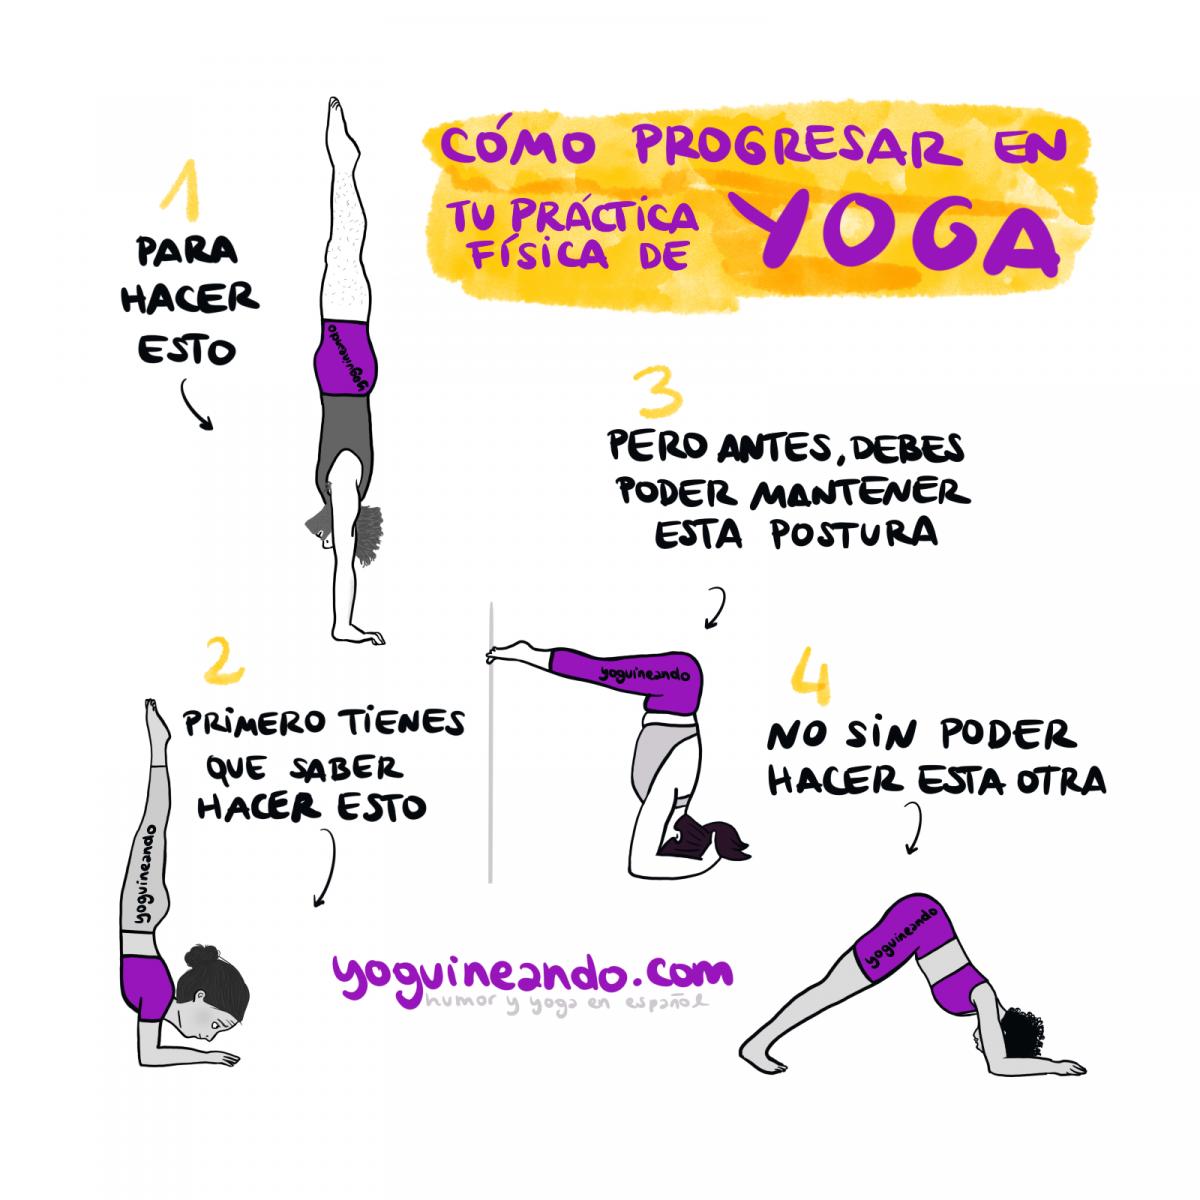 posturas invertidas de yoga de diferentes niveles de más fácil a más difícil